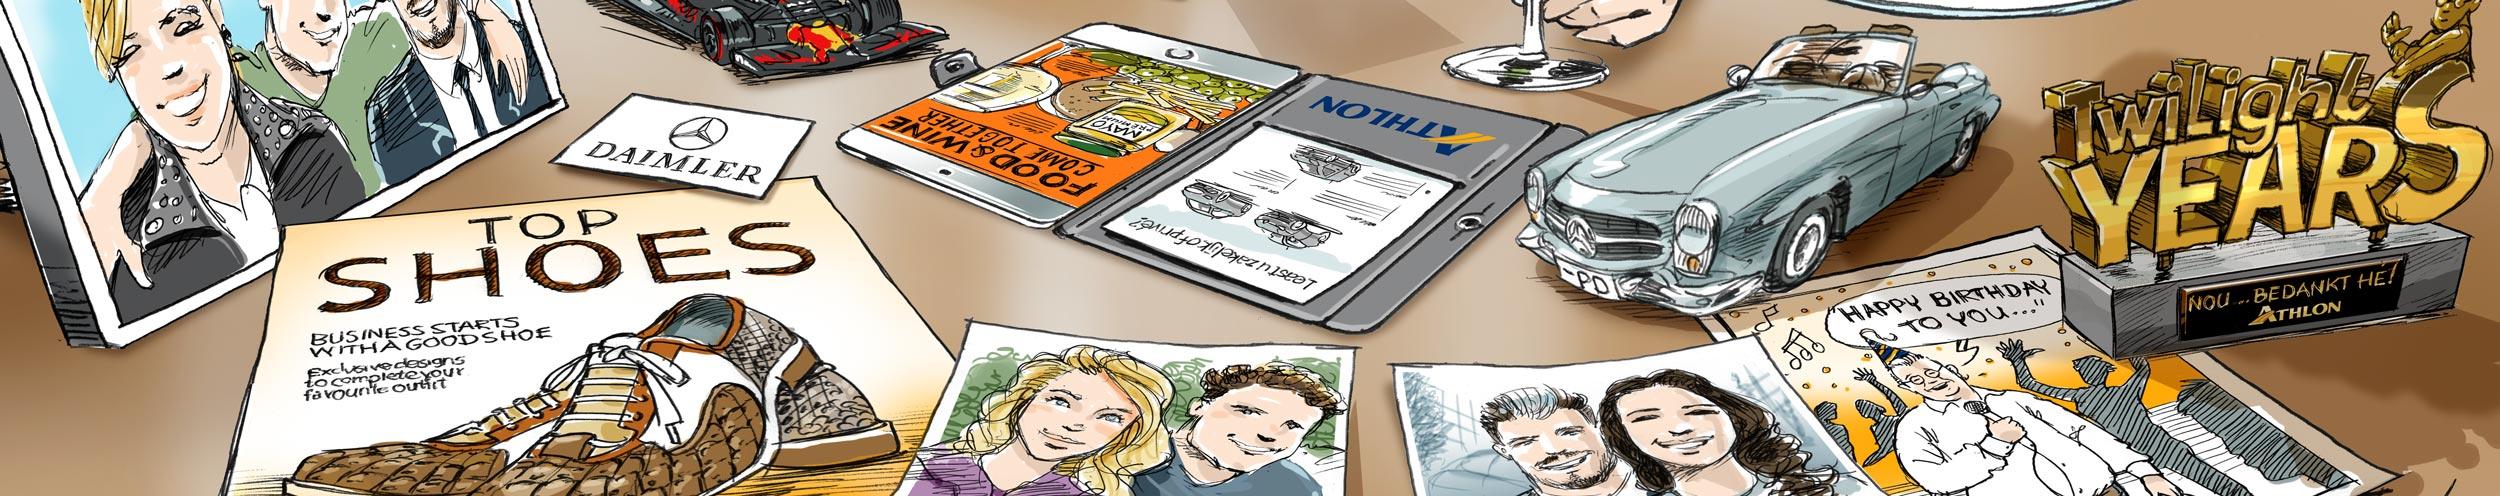 karikatuur-cadeau-banner-Peter-Derks